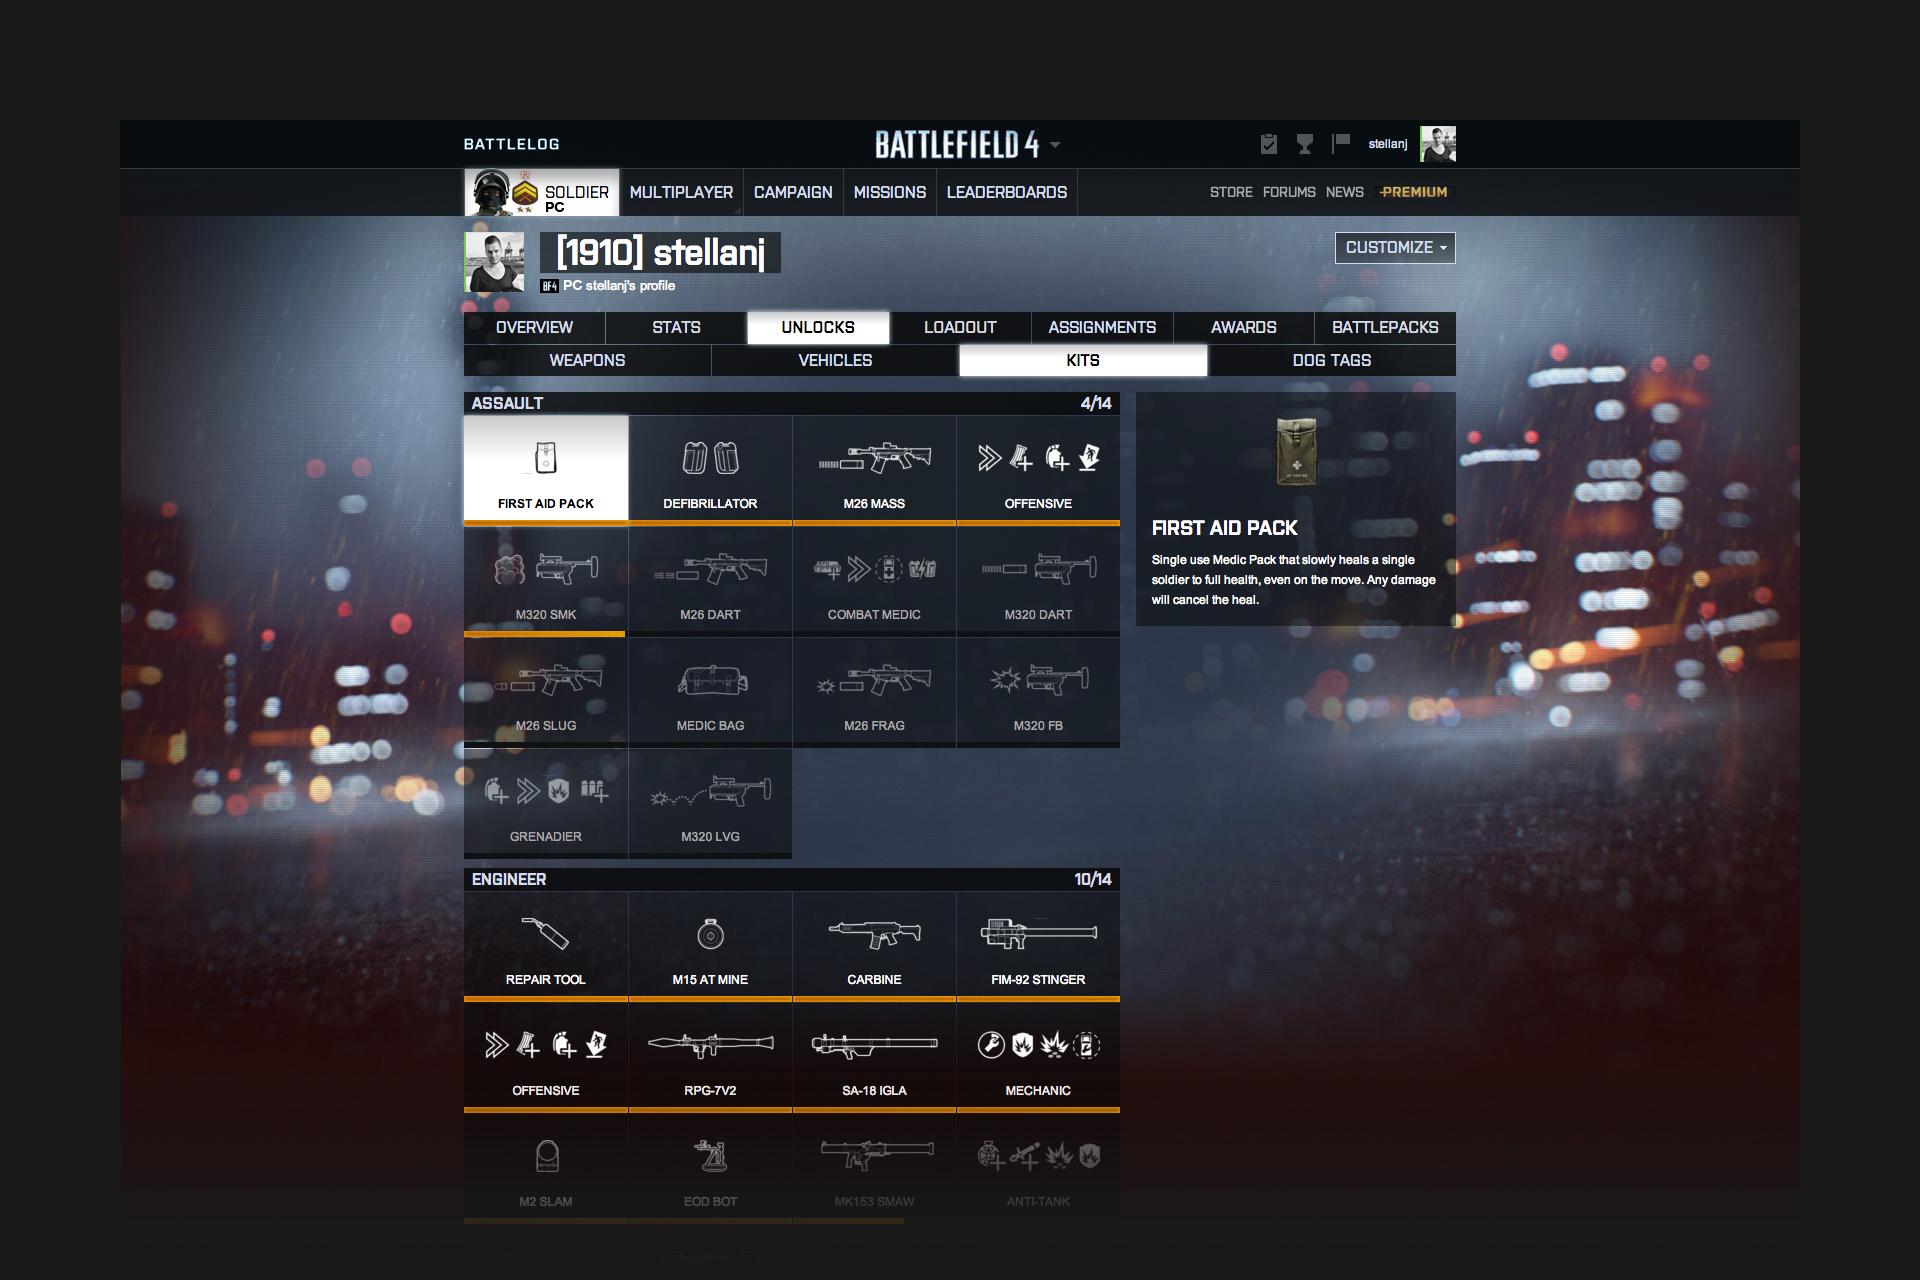 Battlelog Battlefield 5